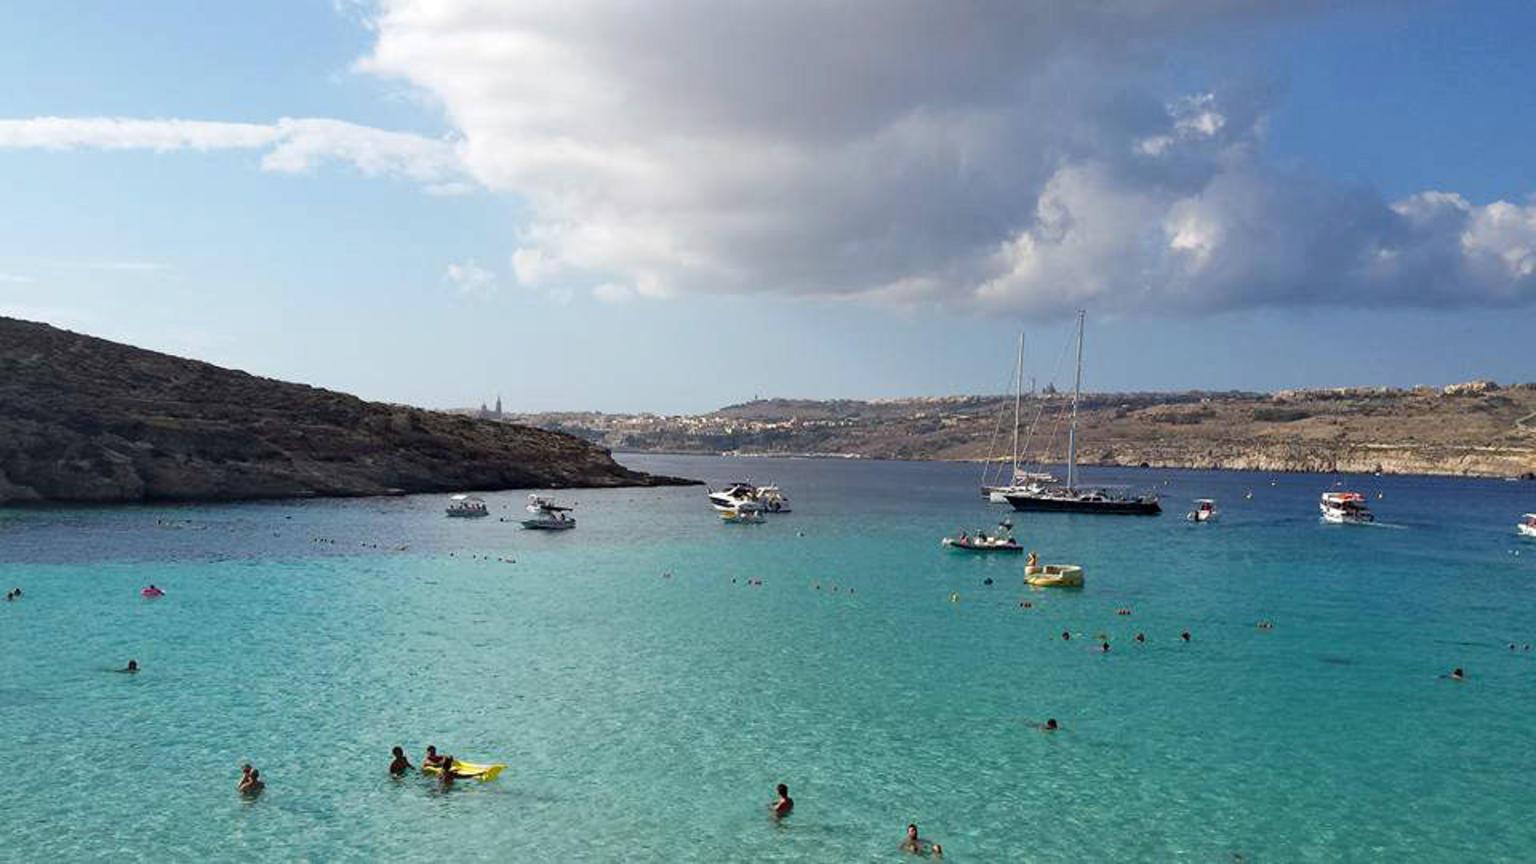 MÁS FOTOS, Gozo and Comino Blue Lagoon Cruise including Open Bar